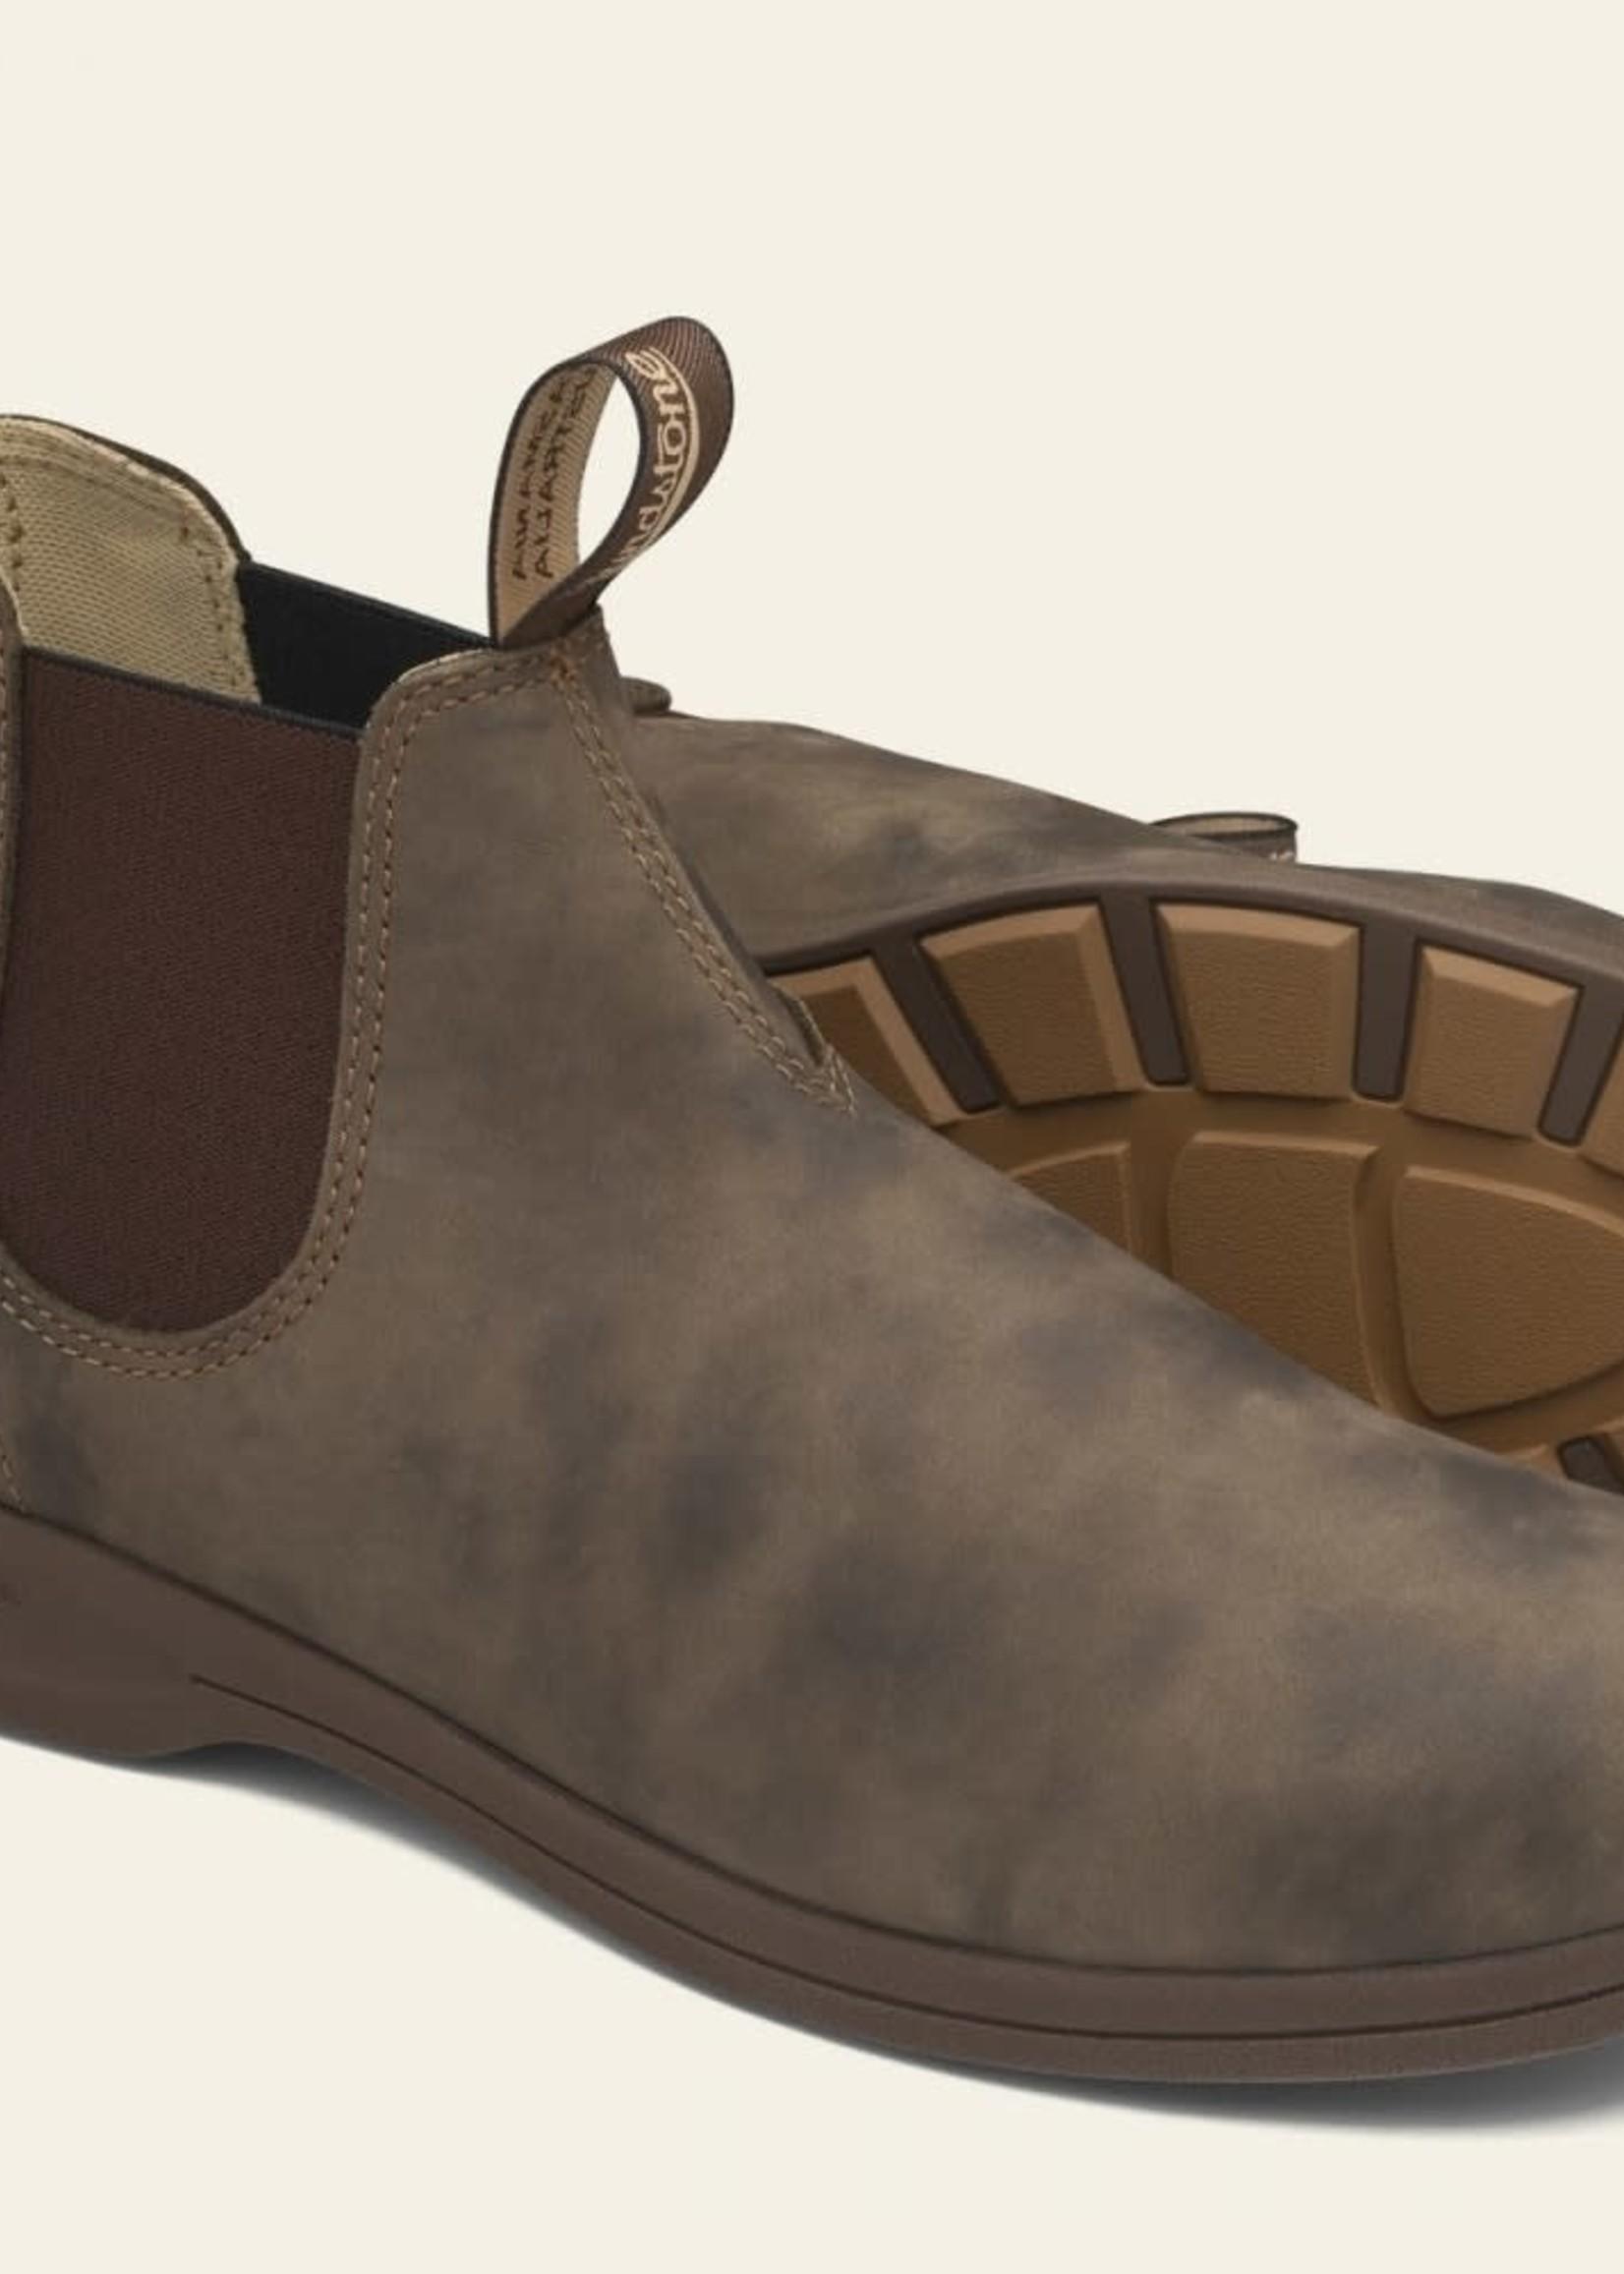 Blundstone Men's Active Boot Rustic Brown